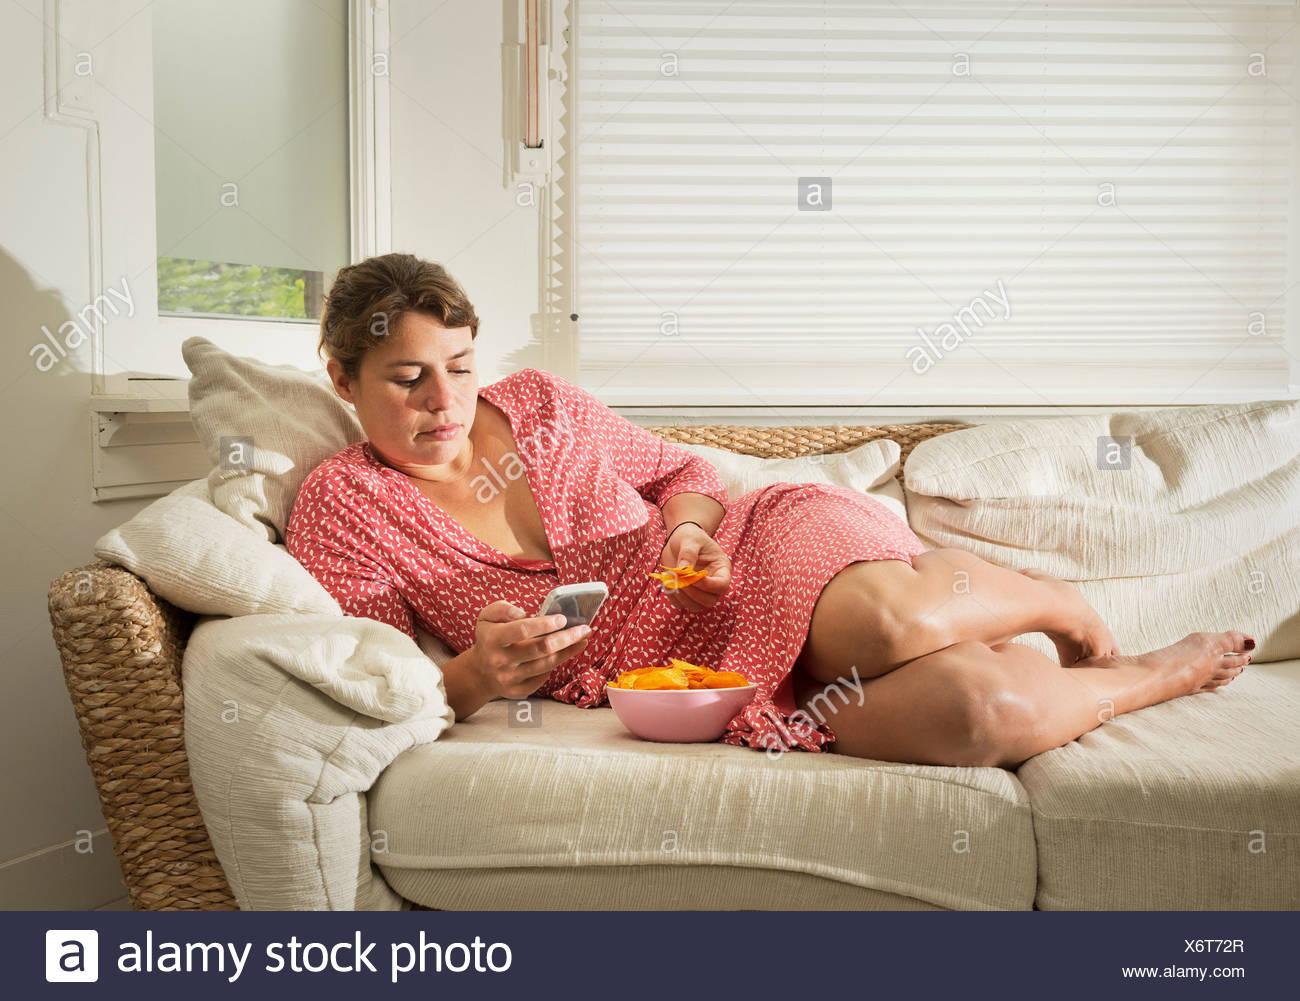 Woman lying on sofa eating bowl of crisps - Stock Image